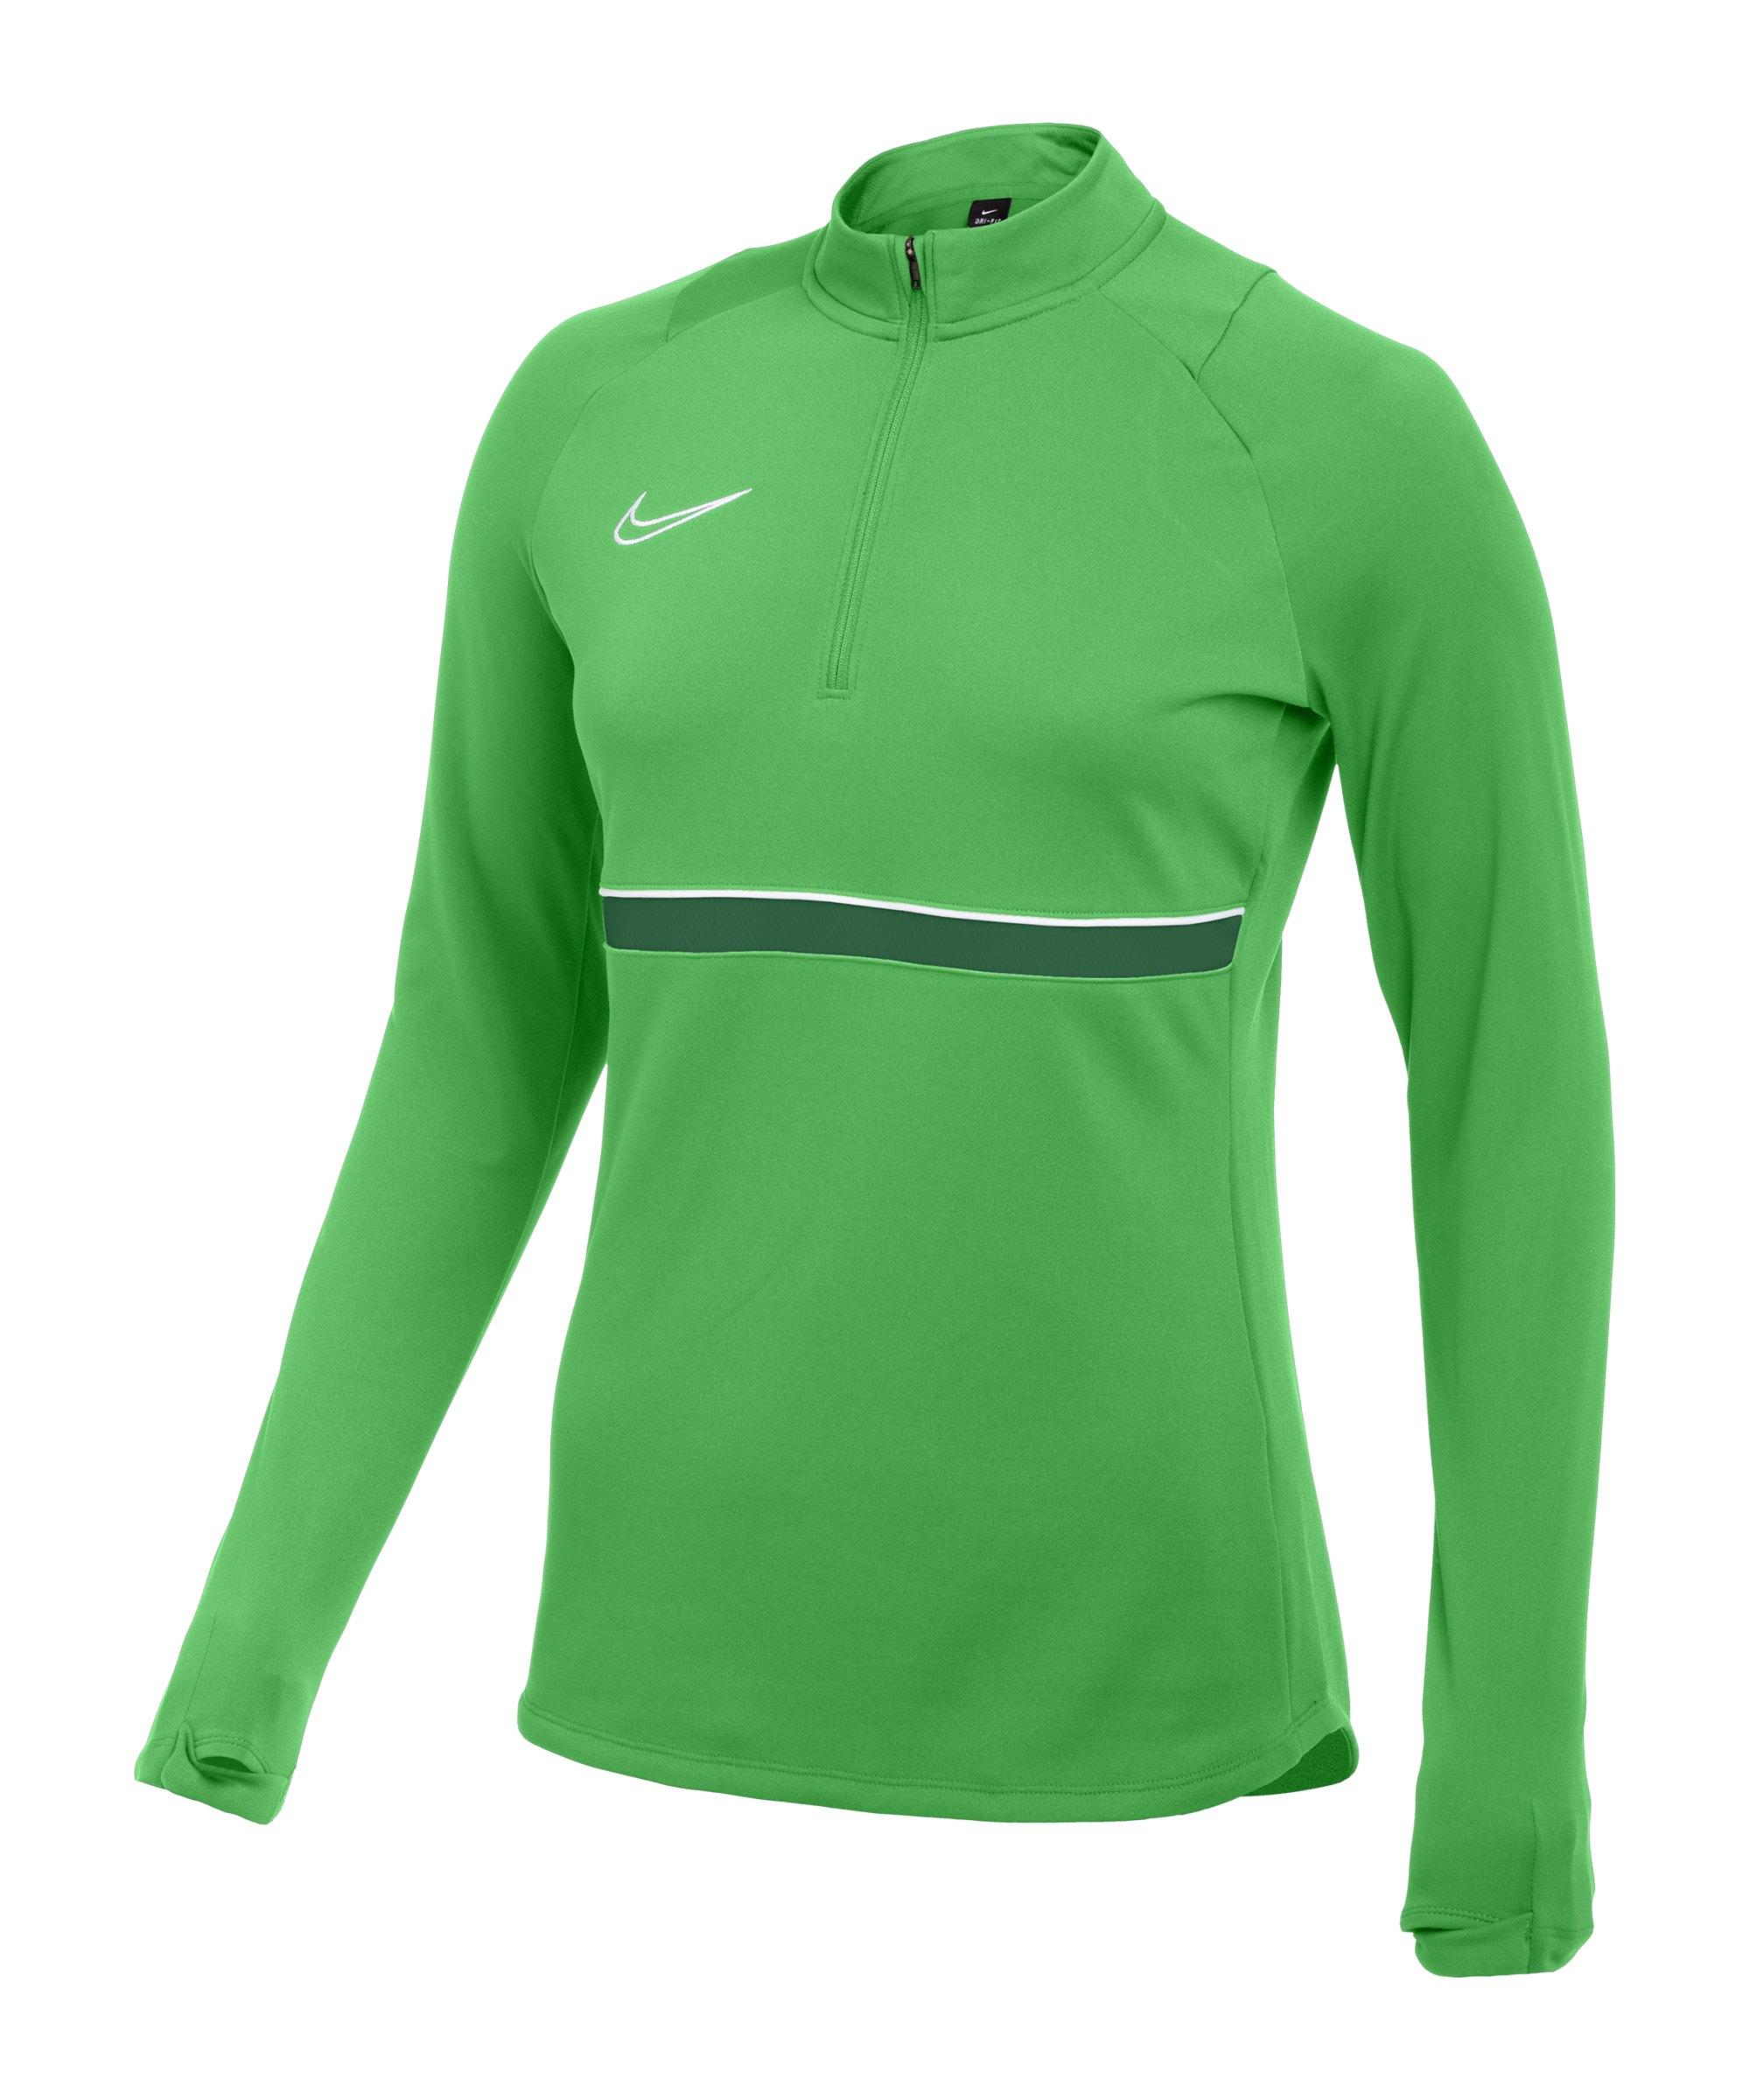 Nike Academy 21 Drill Top Damen Grün Weiss F362 - gruen